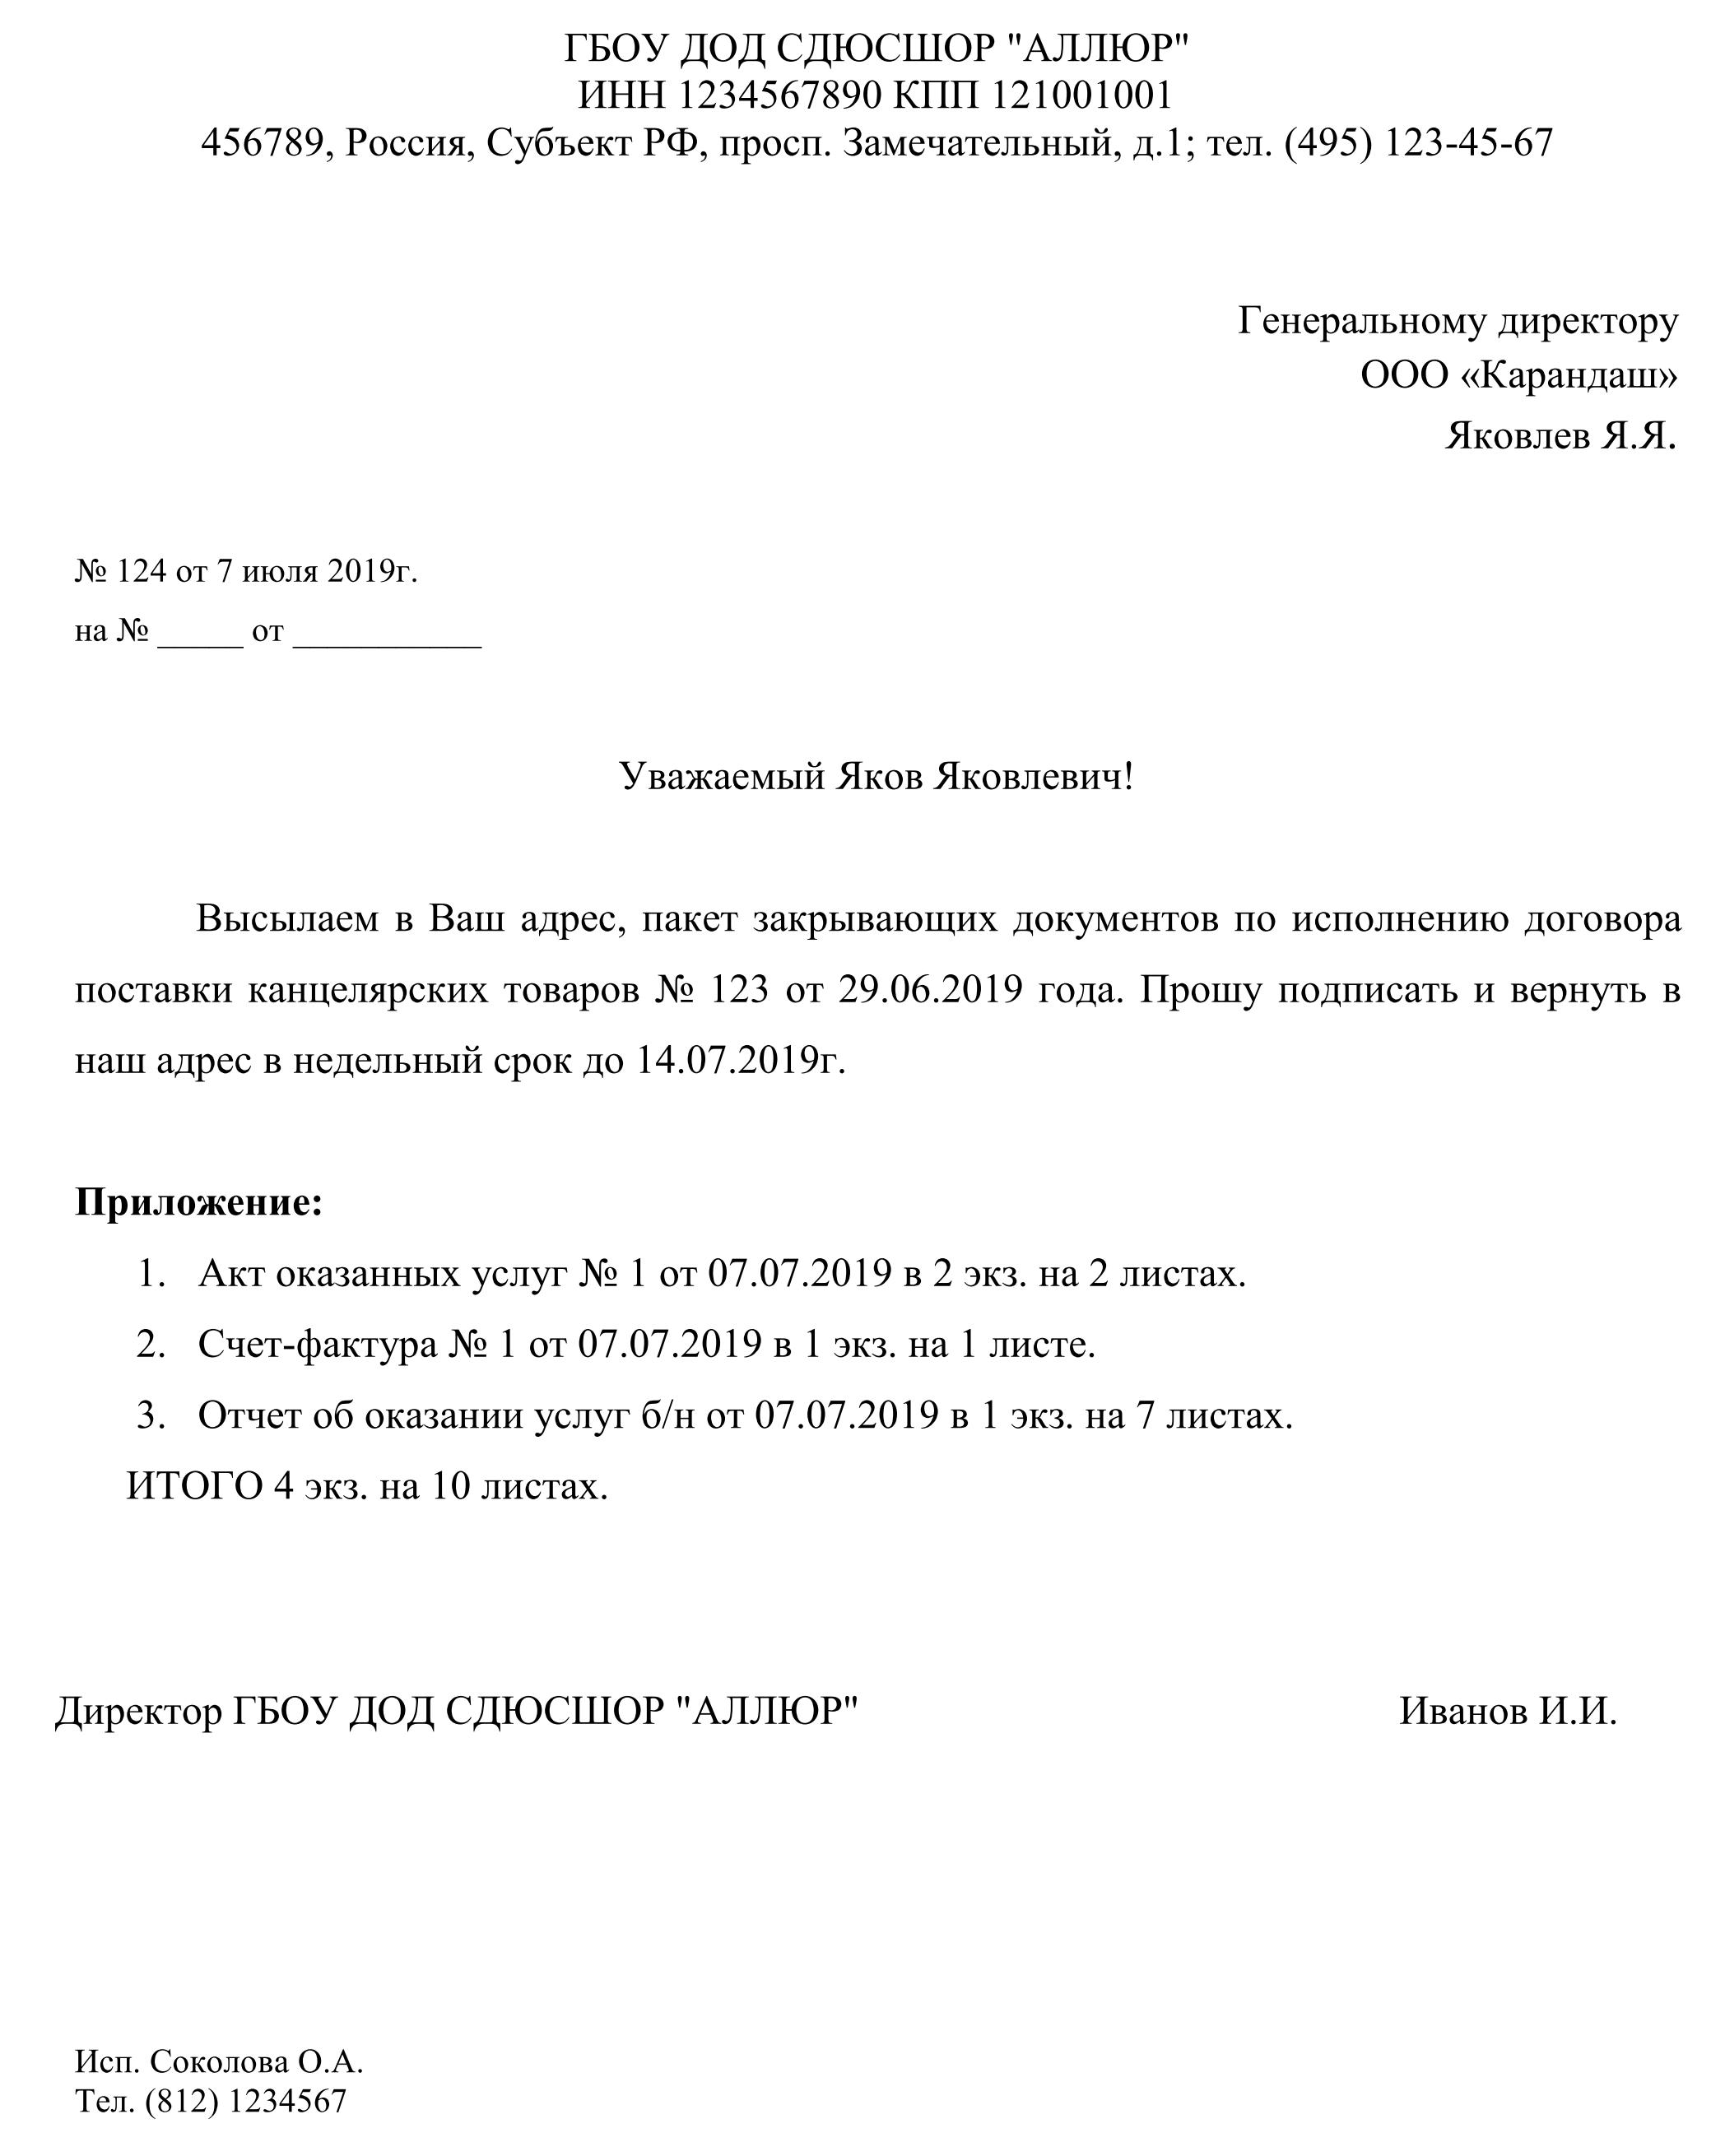 Сопроводительное письмо к резюме, правила написания и рекомендации - simpledoc.ru